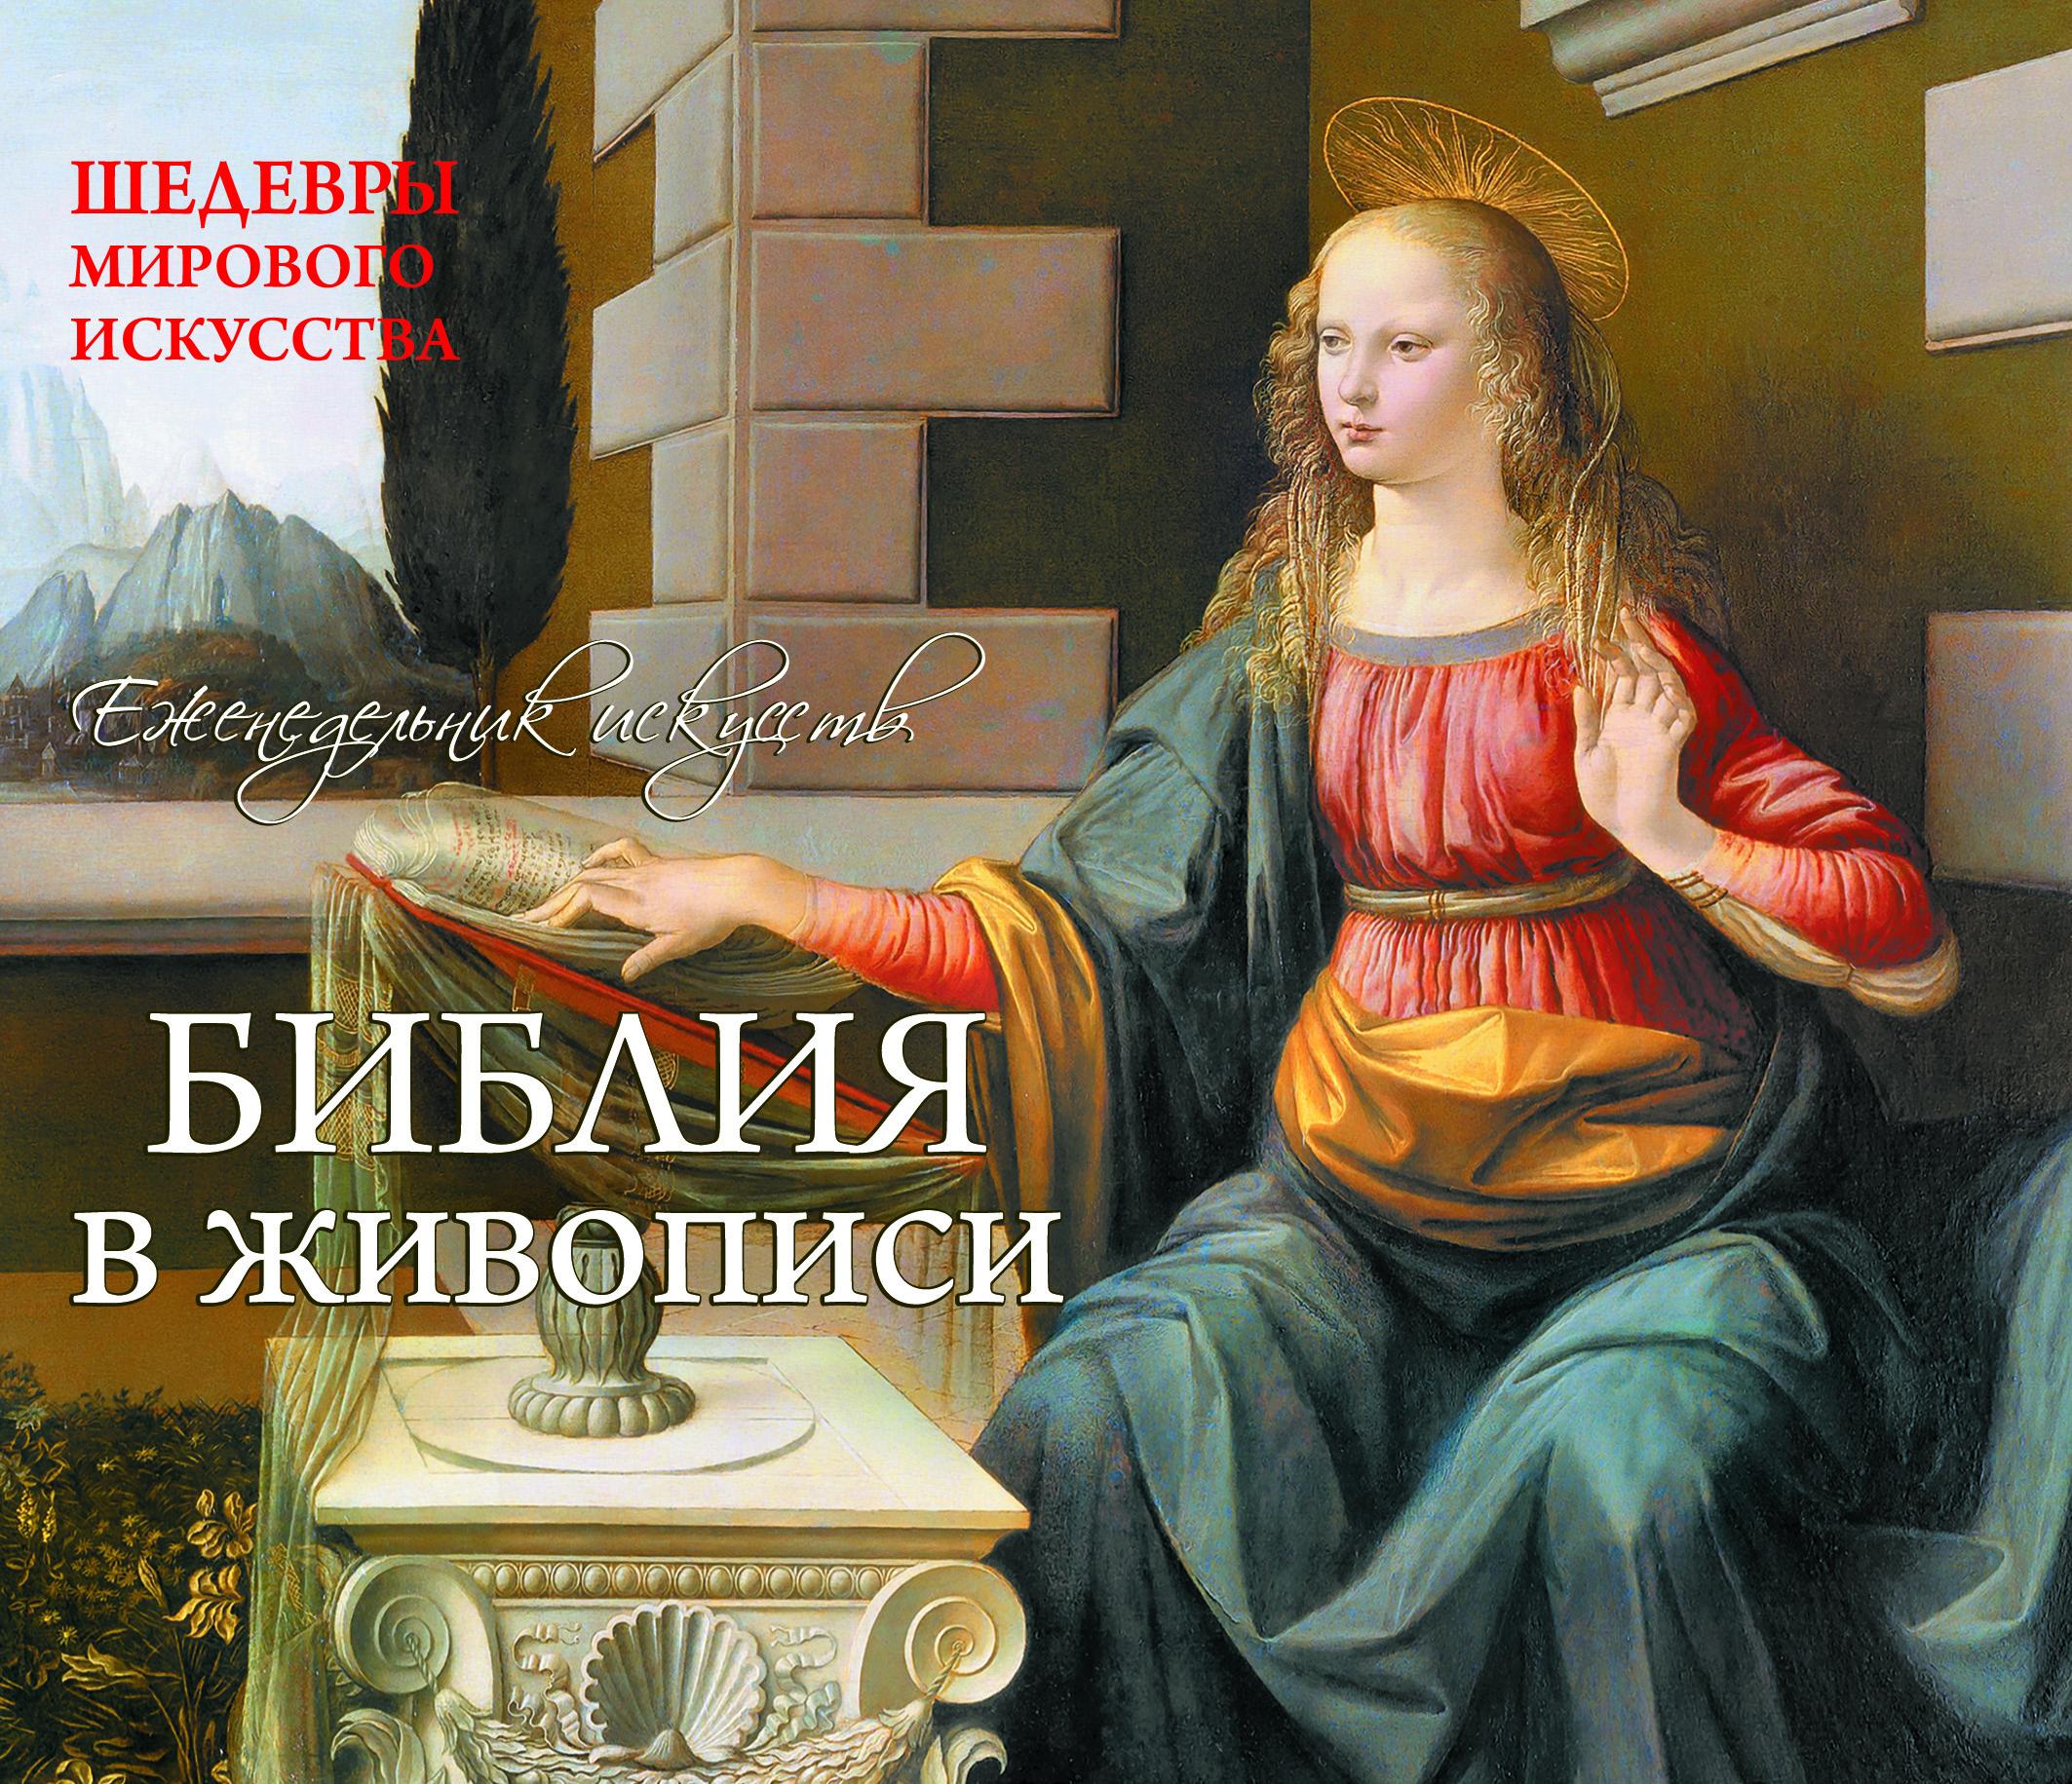 Библия. Шедевры мирового искусства (перекидной) ( серия Подарочные издания. Календари на 52 недели)